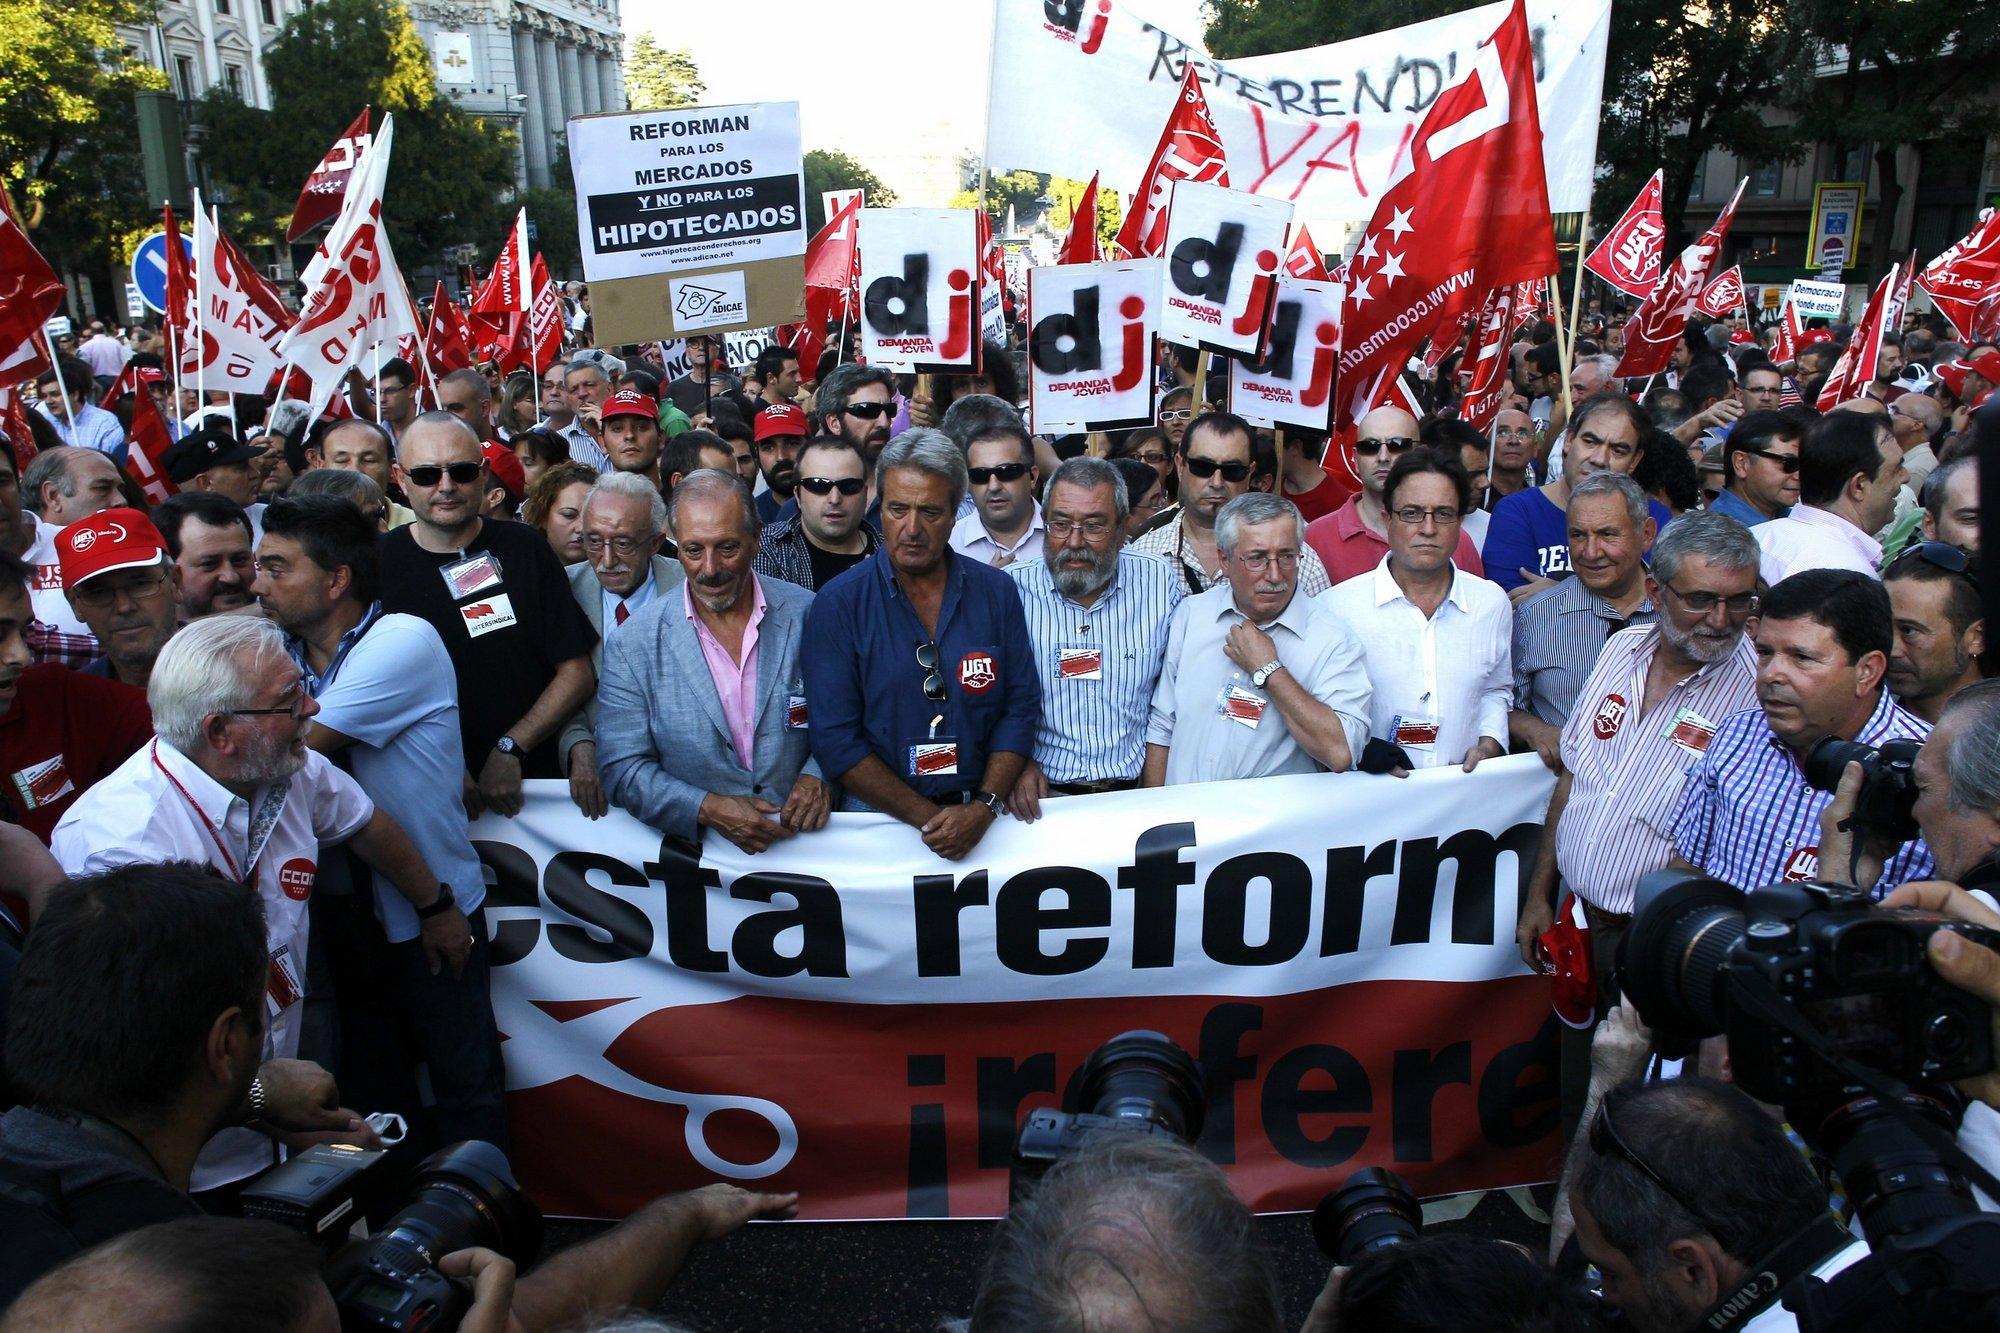 Los sindicatos preparan un documento con propuestas para corregir la reforma laboral